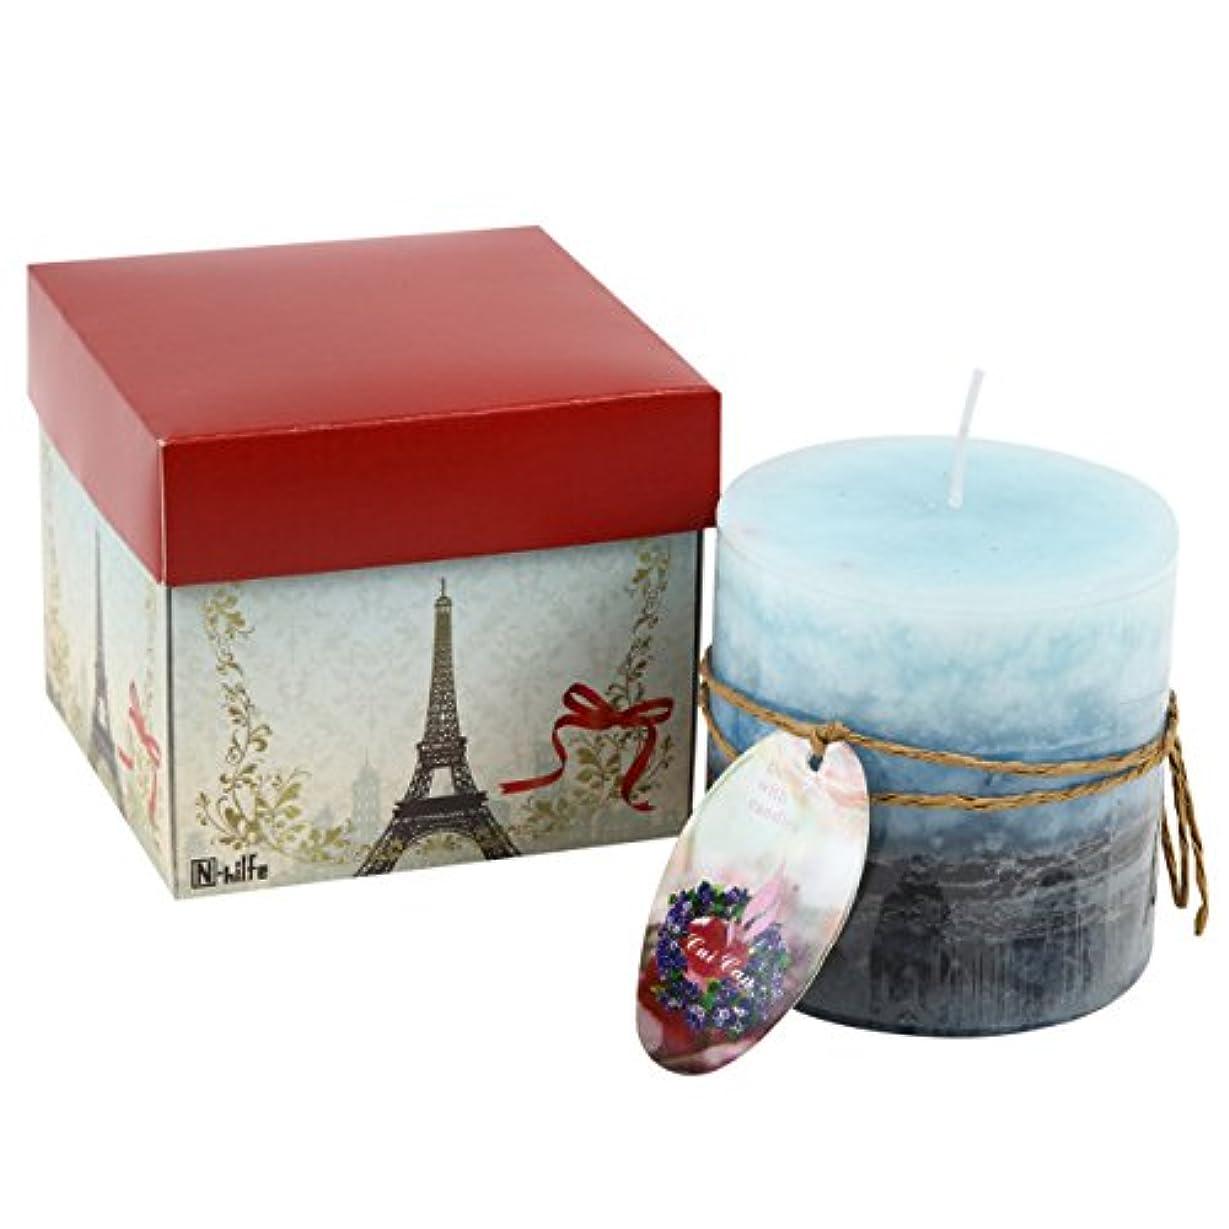 第二冷える過度のN-hilfe キャンドル 7.5x7.5cm 蝋燭 アロマキャンドル (ビーチ,青)